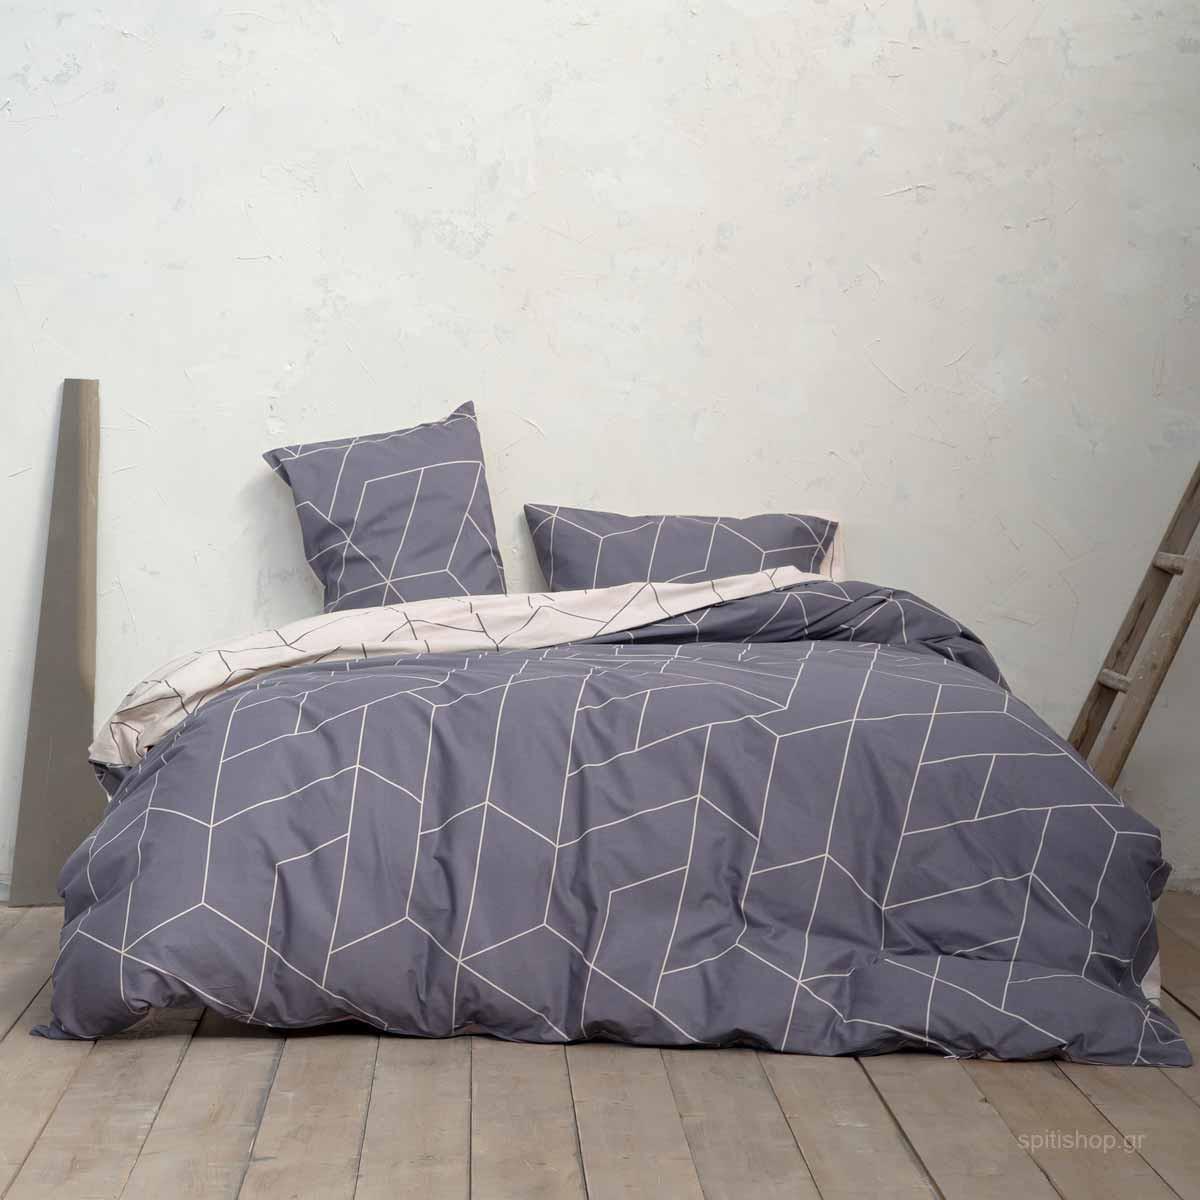 Σεντόνια Μονά (Σετ) Nima Bed Linen Parity Grey ΜΕ ΛΑΣΤΙΧΟ 100x200+32 ΜΕ ΛΑΣΤΙΧΟ 100x200+32